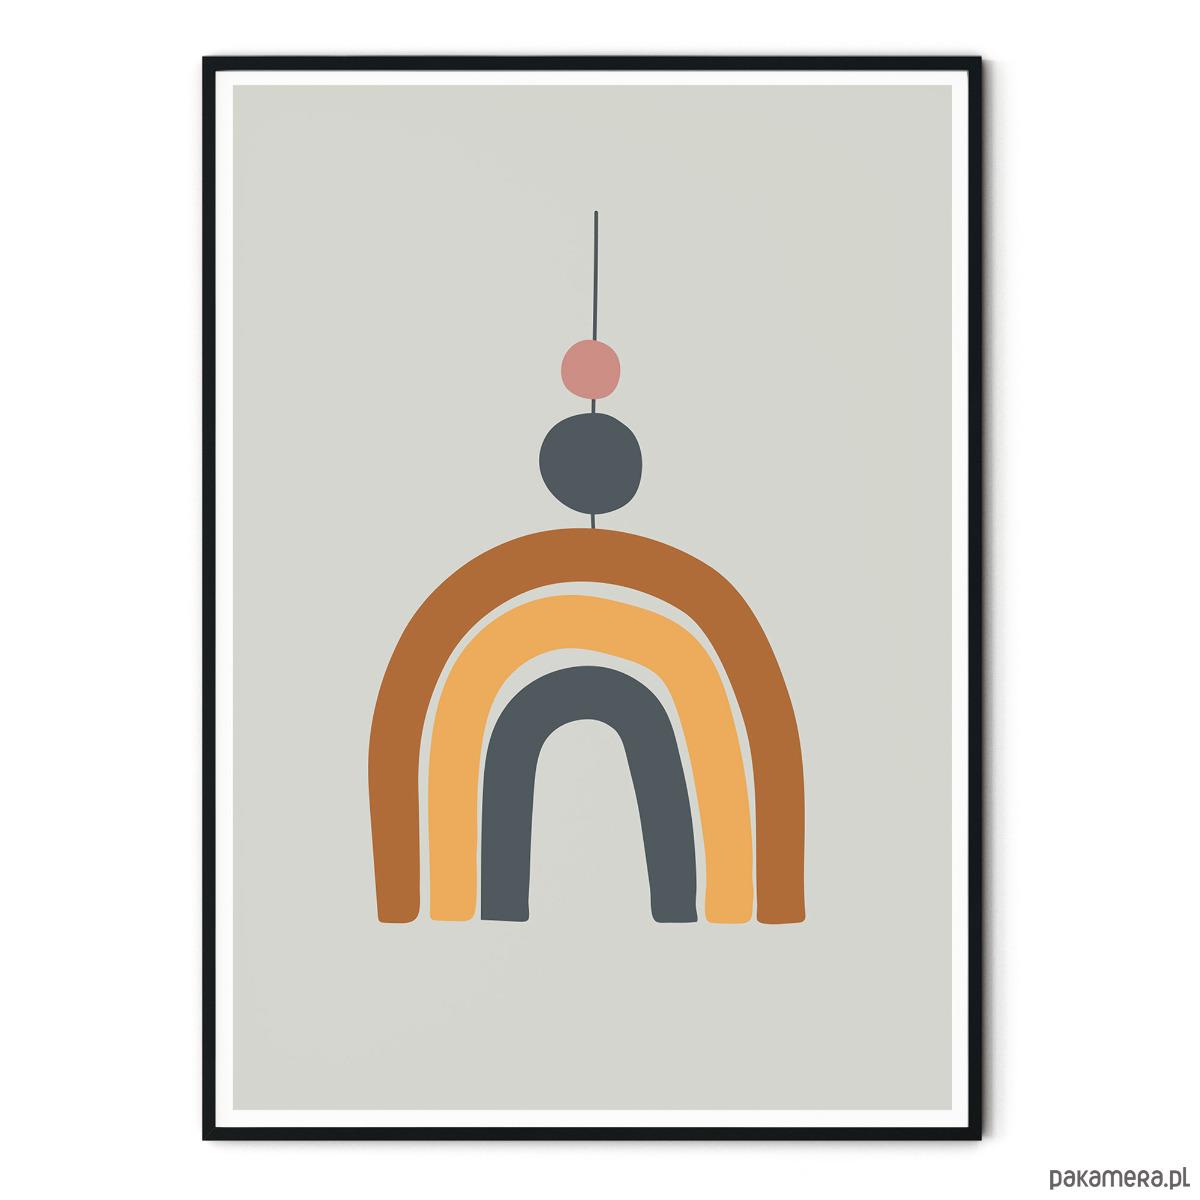 Plakat dla dzieci montessori Tęcza - dziecko - plakaty obrazki zUcIcOHQ